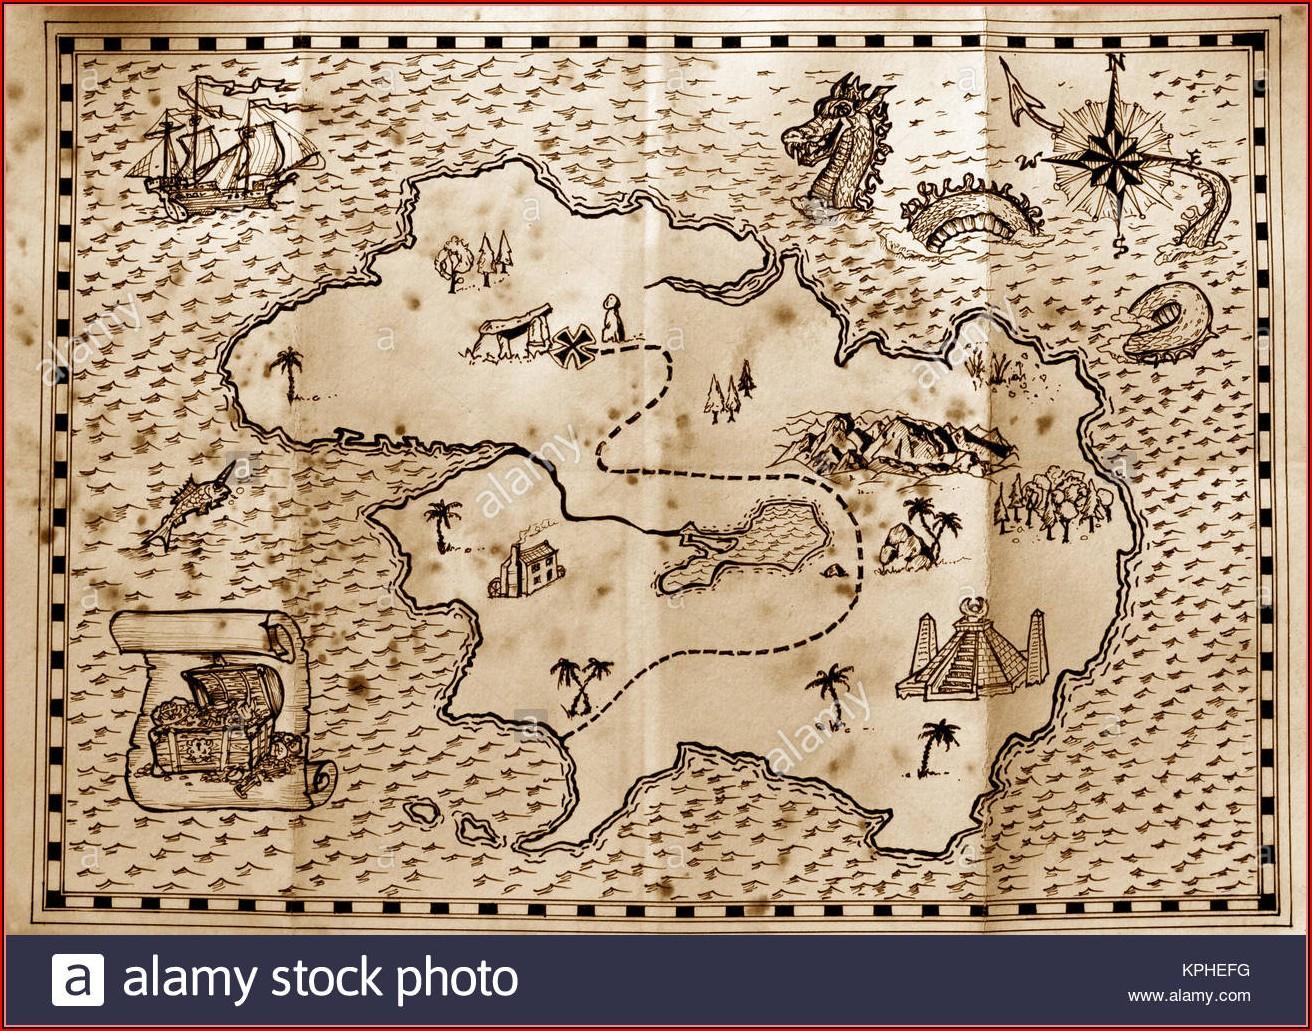 Pirate Treasure Map Images